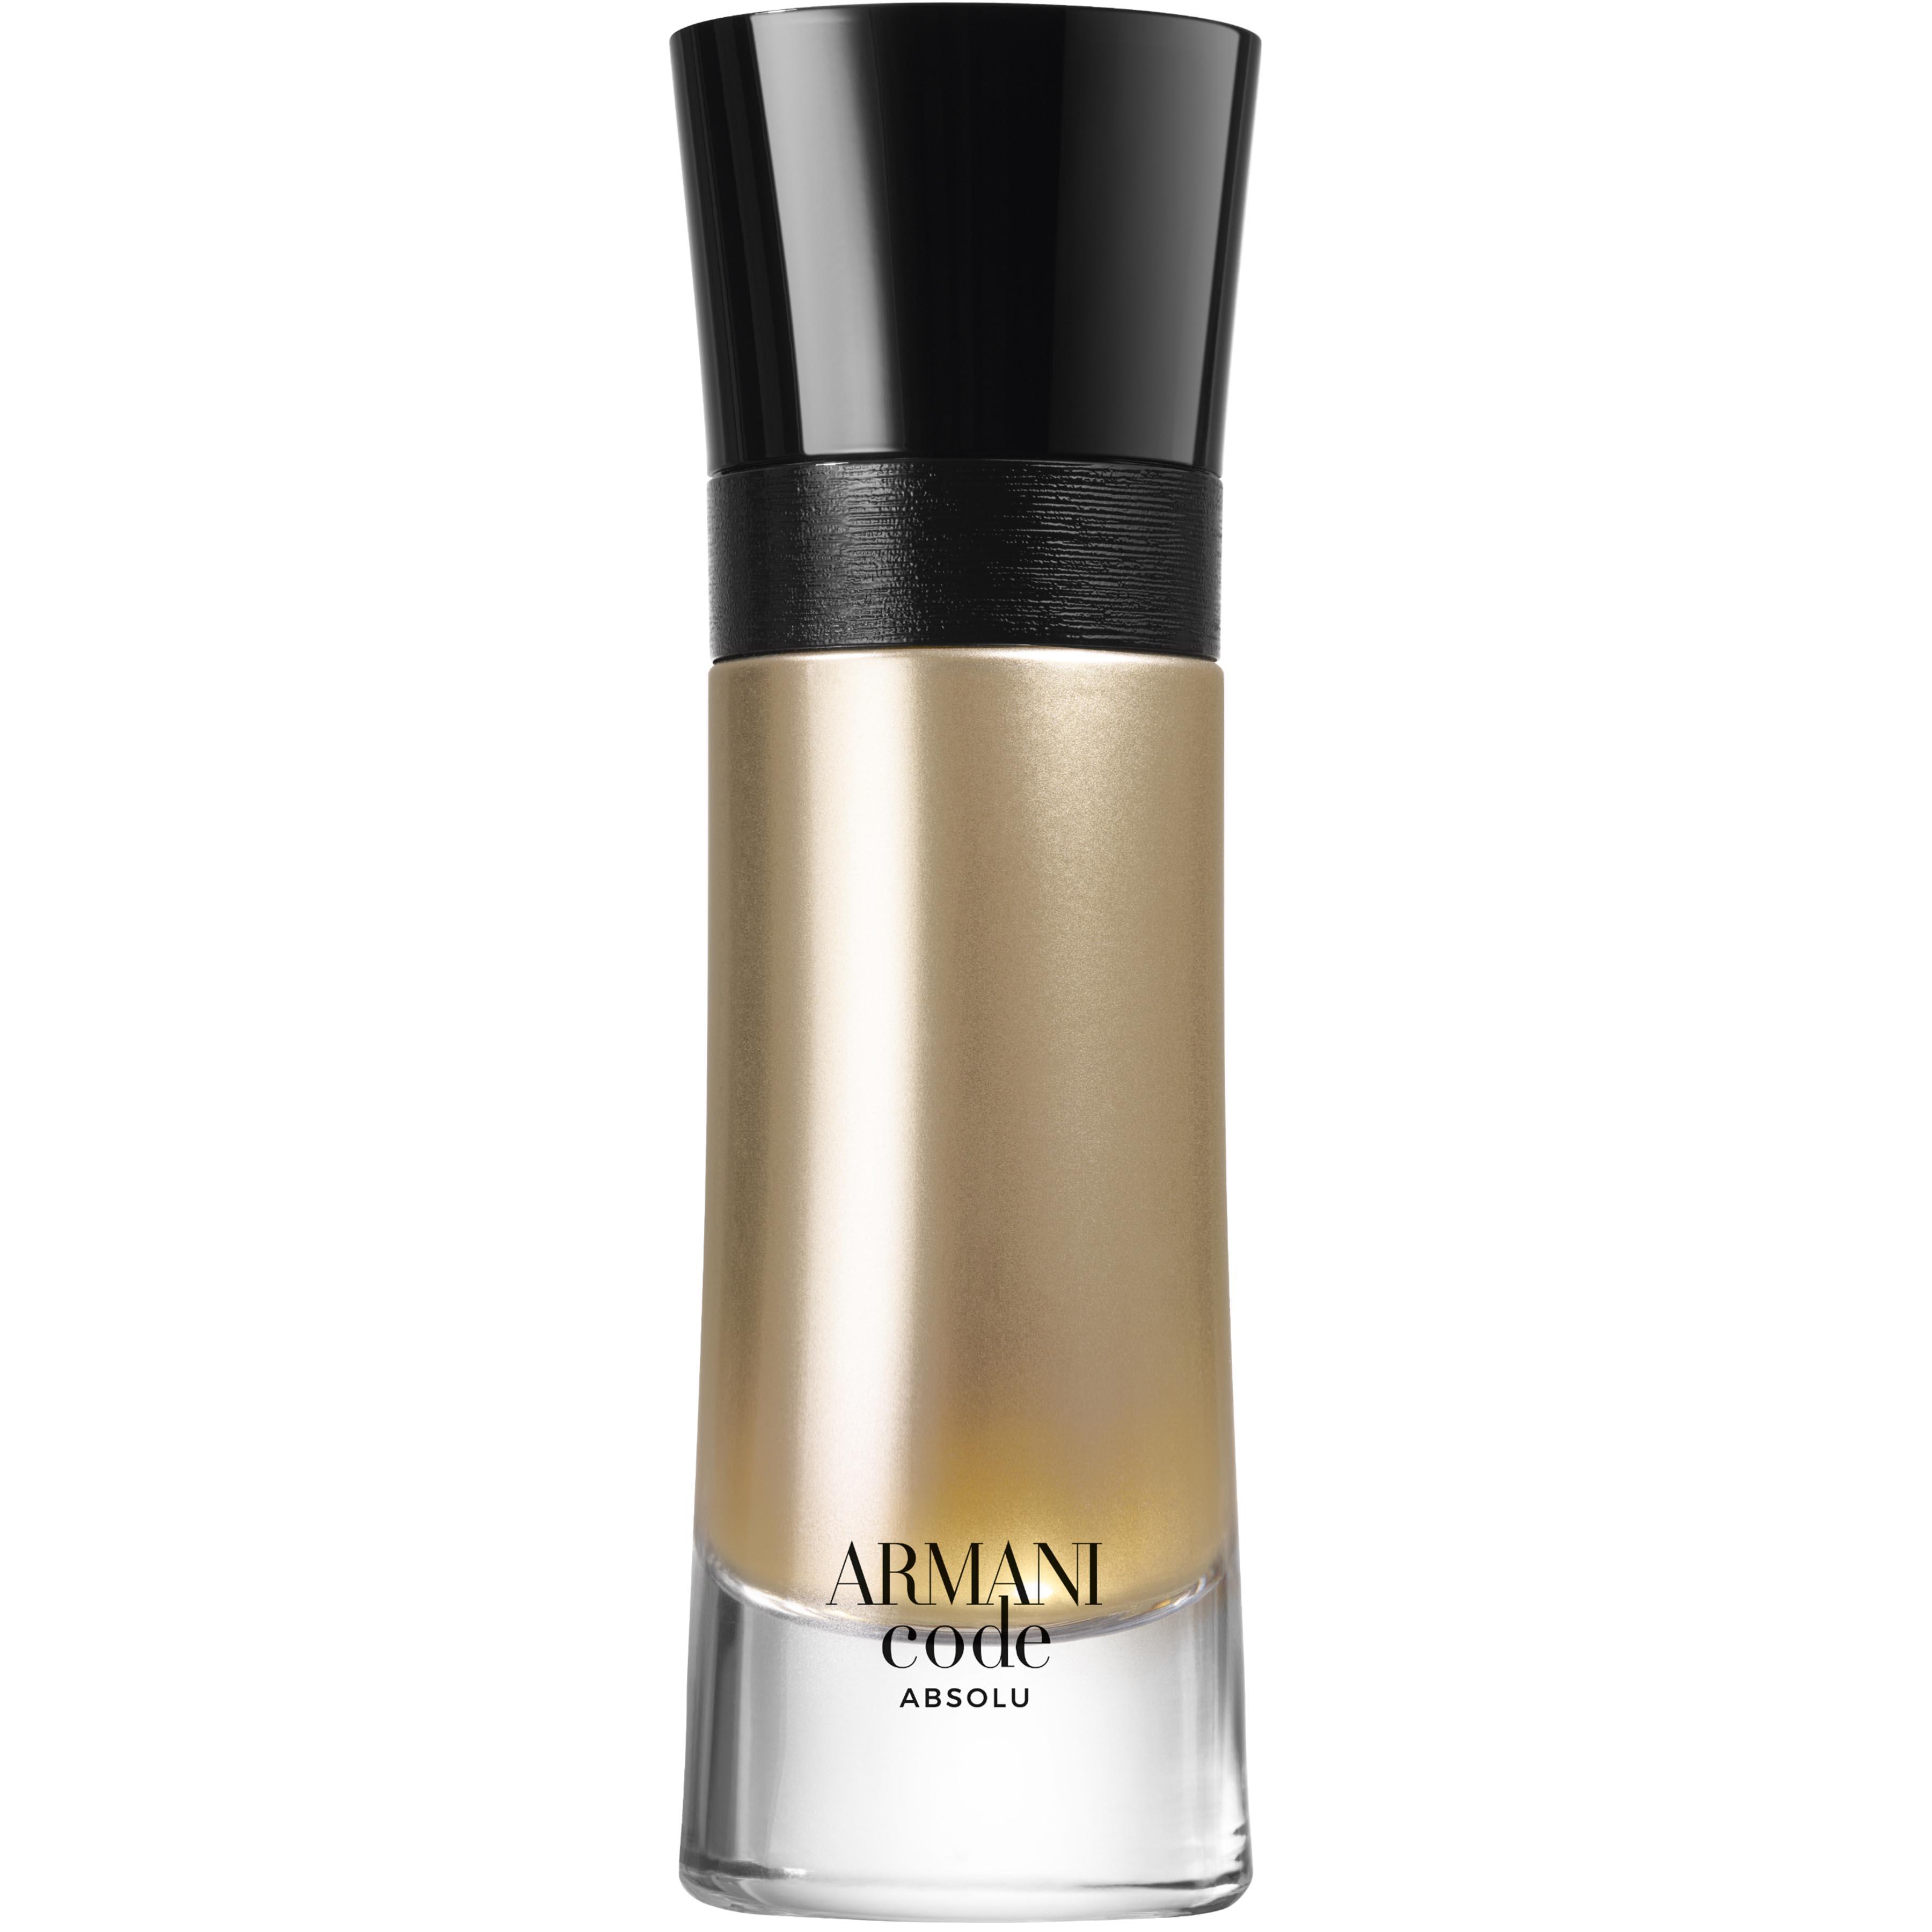 Die besten Parfums 2019 für Männer: Armani Absolu-Code